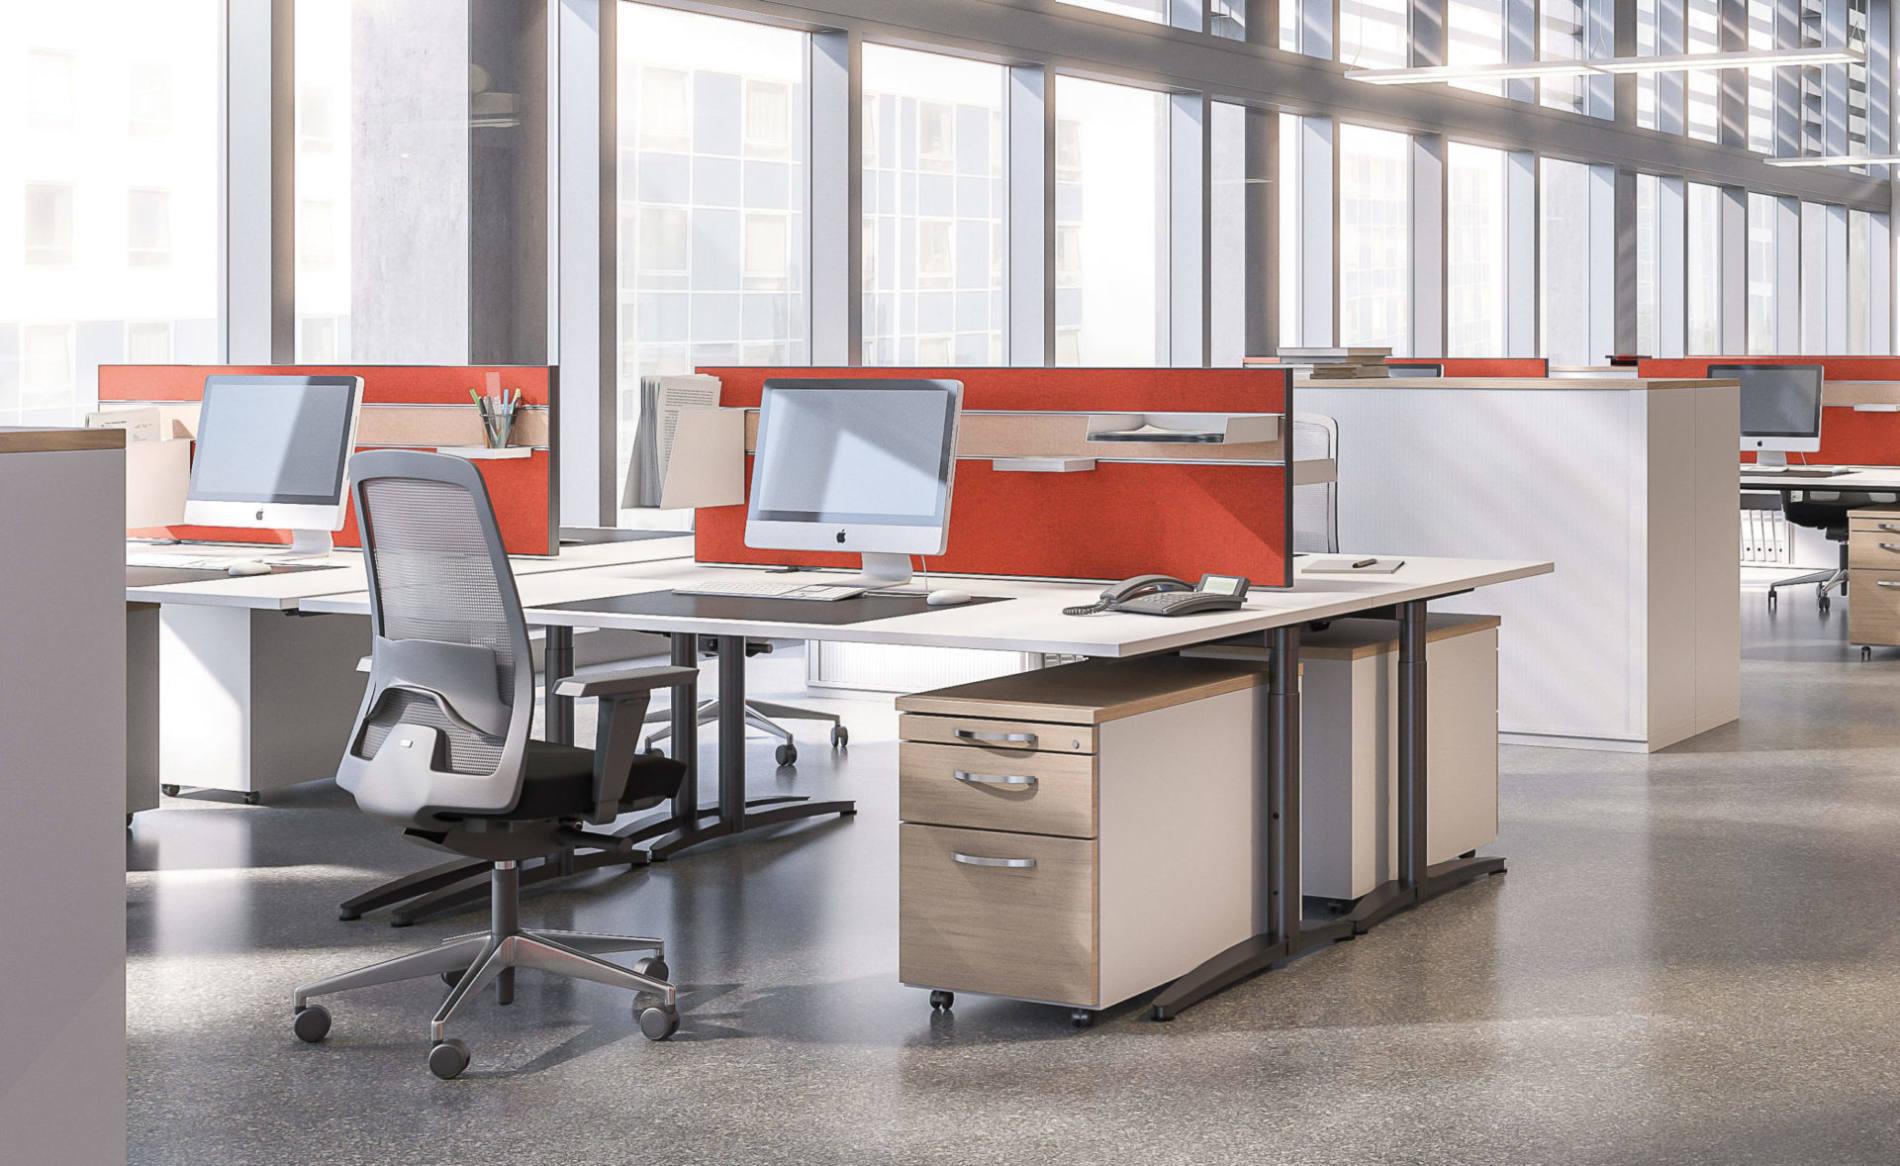 Schreibtisch CALDO mit Akustik-Trennwand als Tischaufsatz im Großraumbüro (Palmberg)